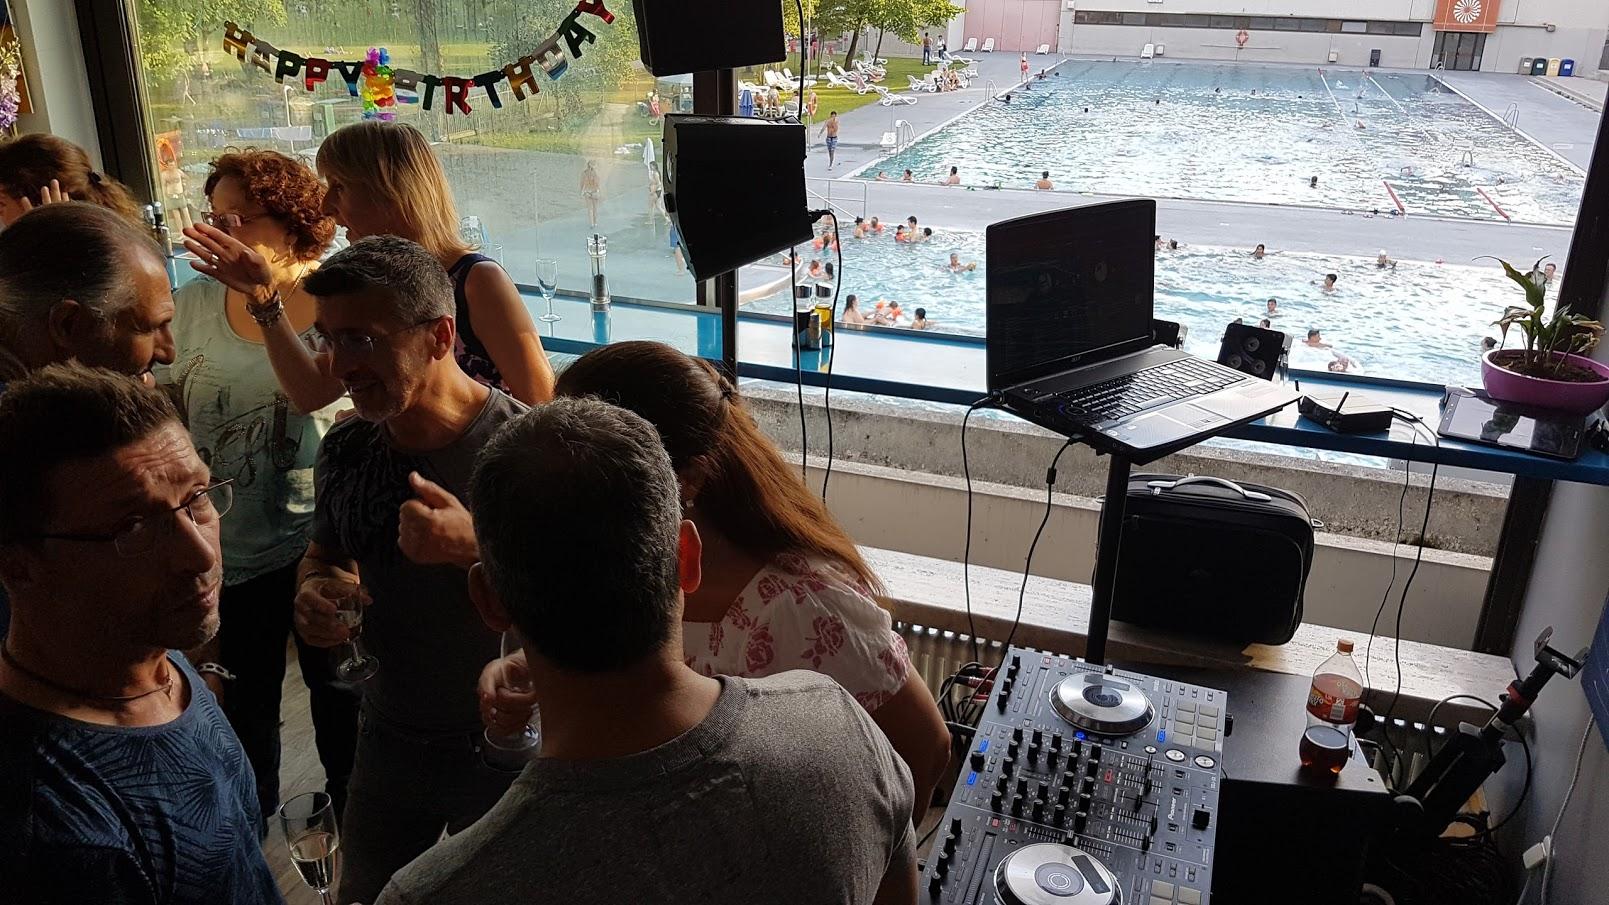 Geburtstagsparty im Schwimmbad